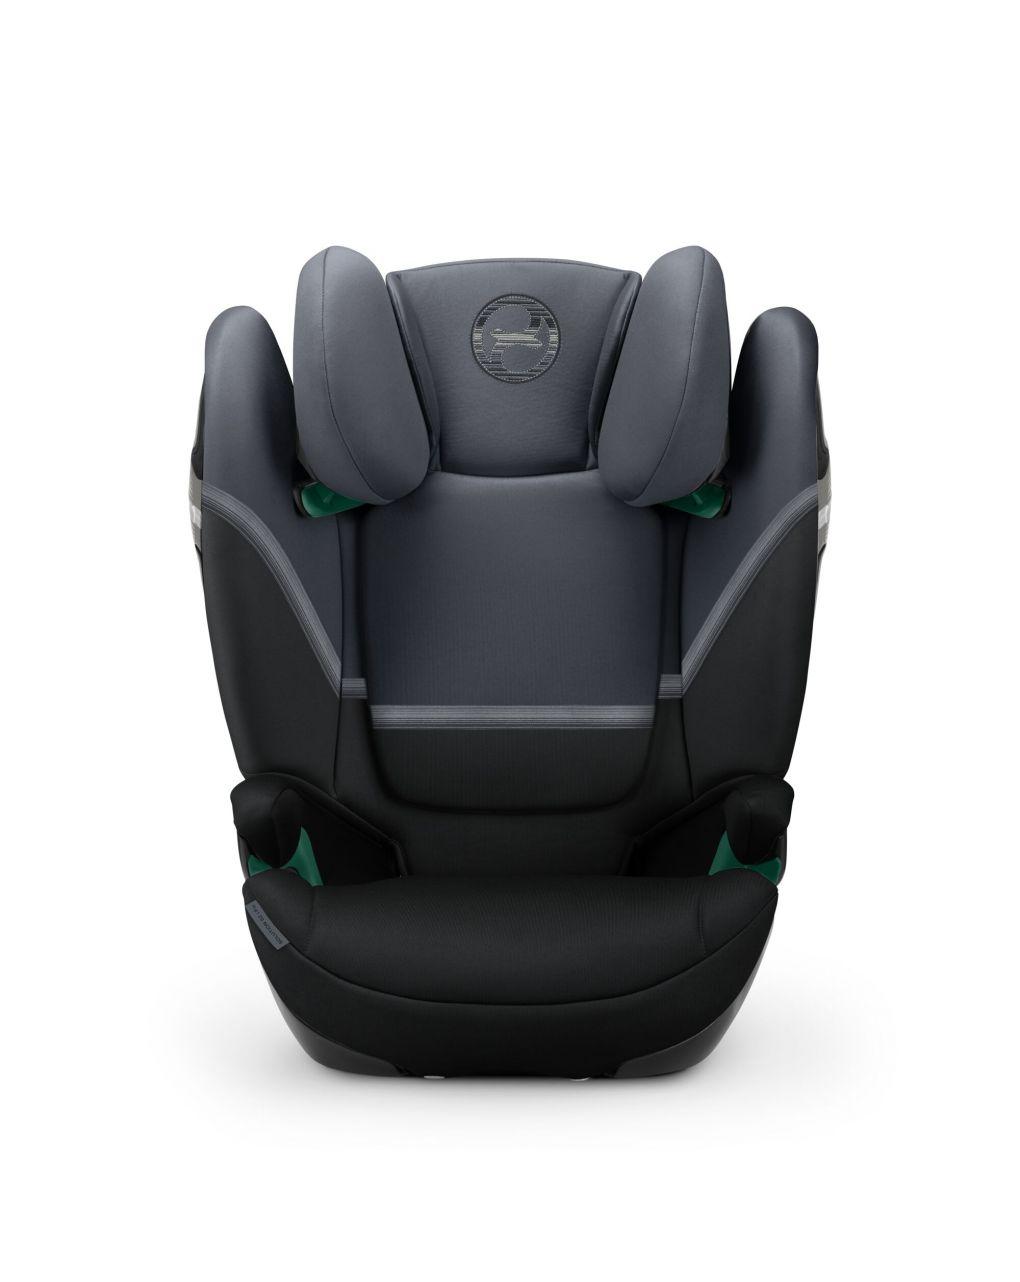 Cybex Κάθισμα Αυτοκινήτου Solution S2 i-FIX - Ανθρακί